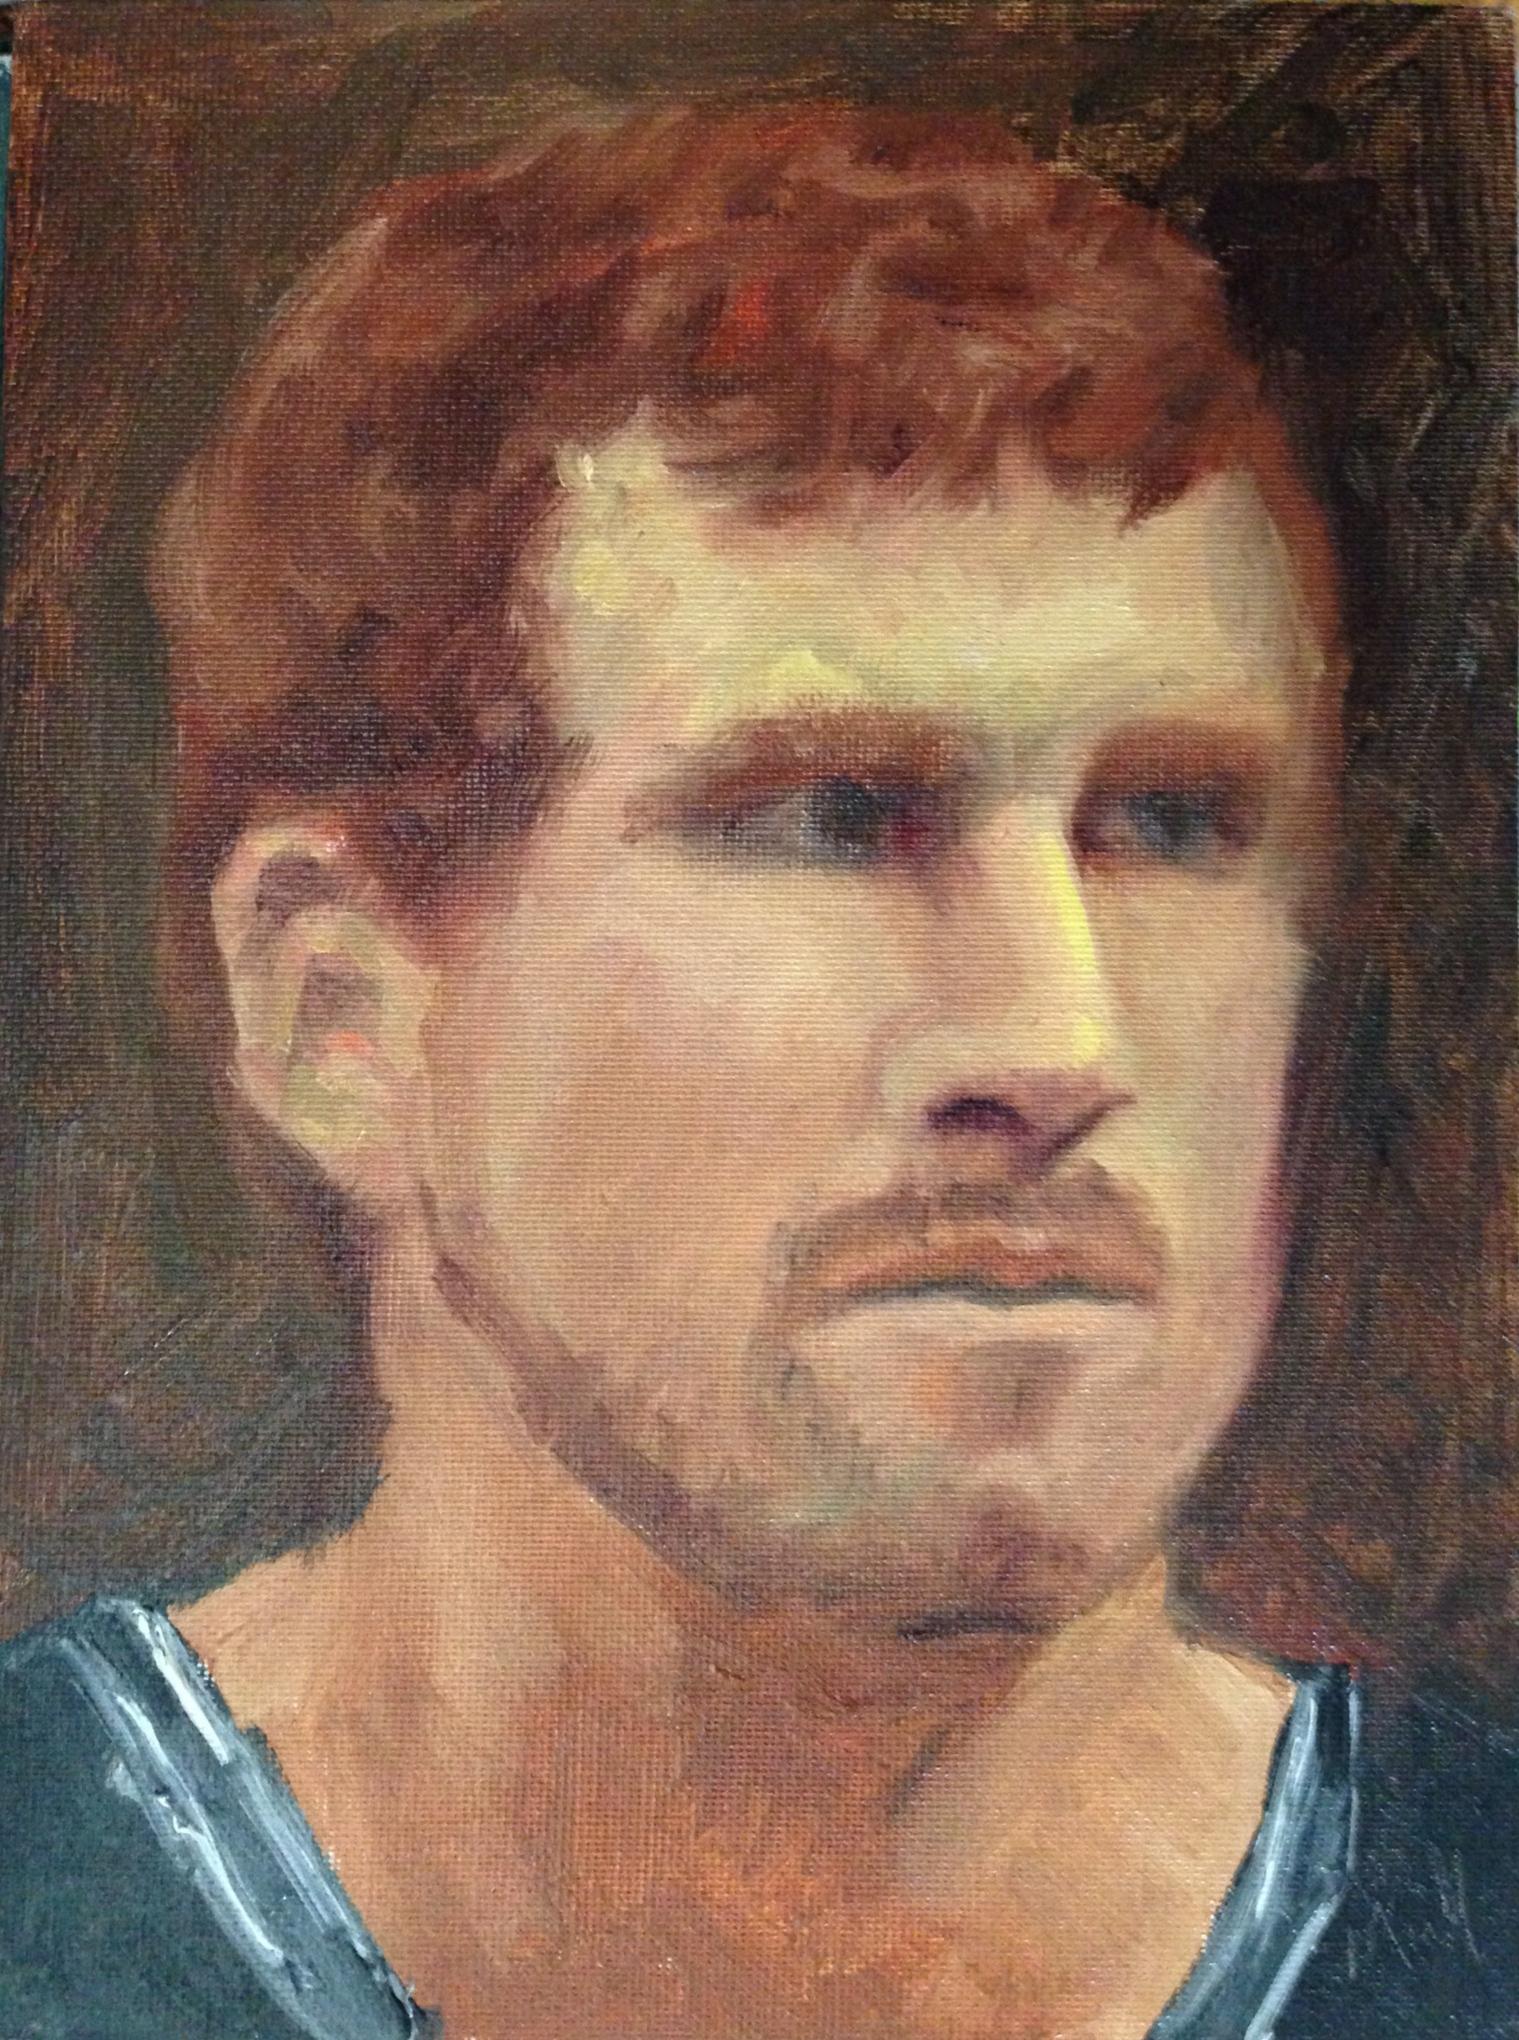 Matt-bonner-portrait-oil